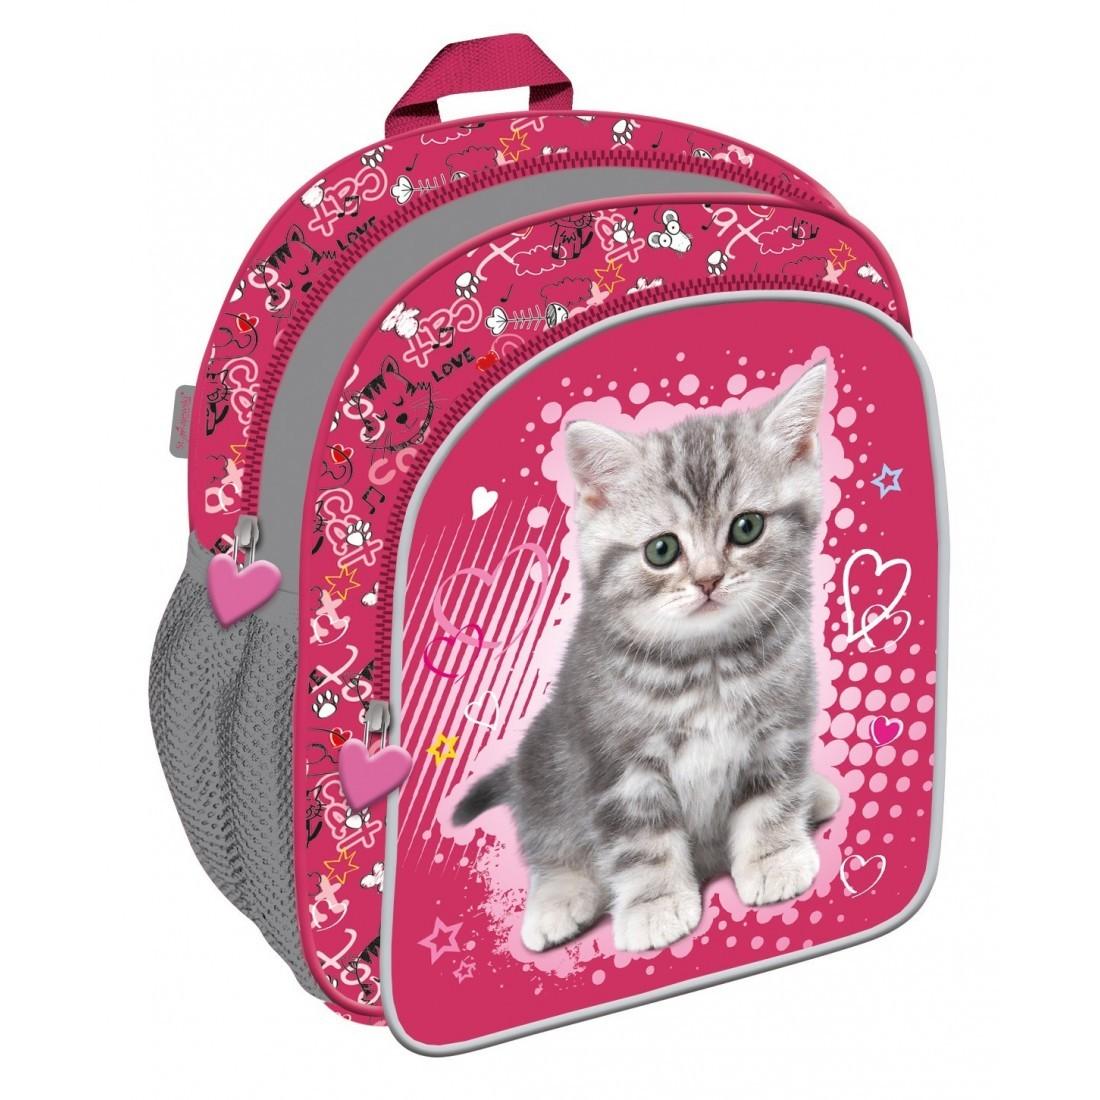 d8dfe7b003eb9 Mały plecak wycieczkowy My Little Friend z kotkiem dla dziewczynki ...